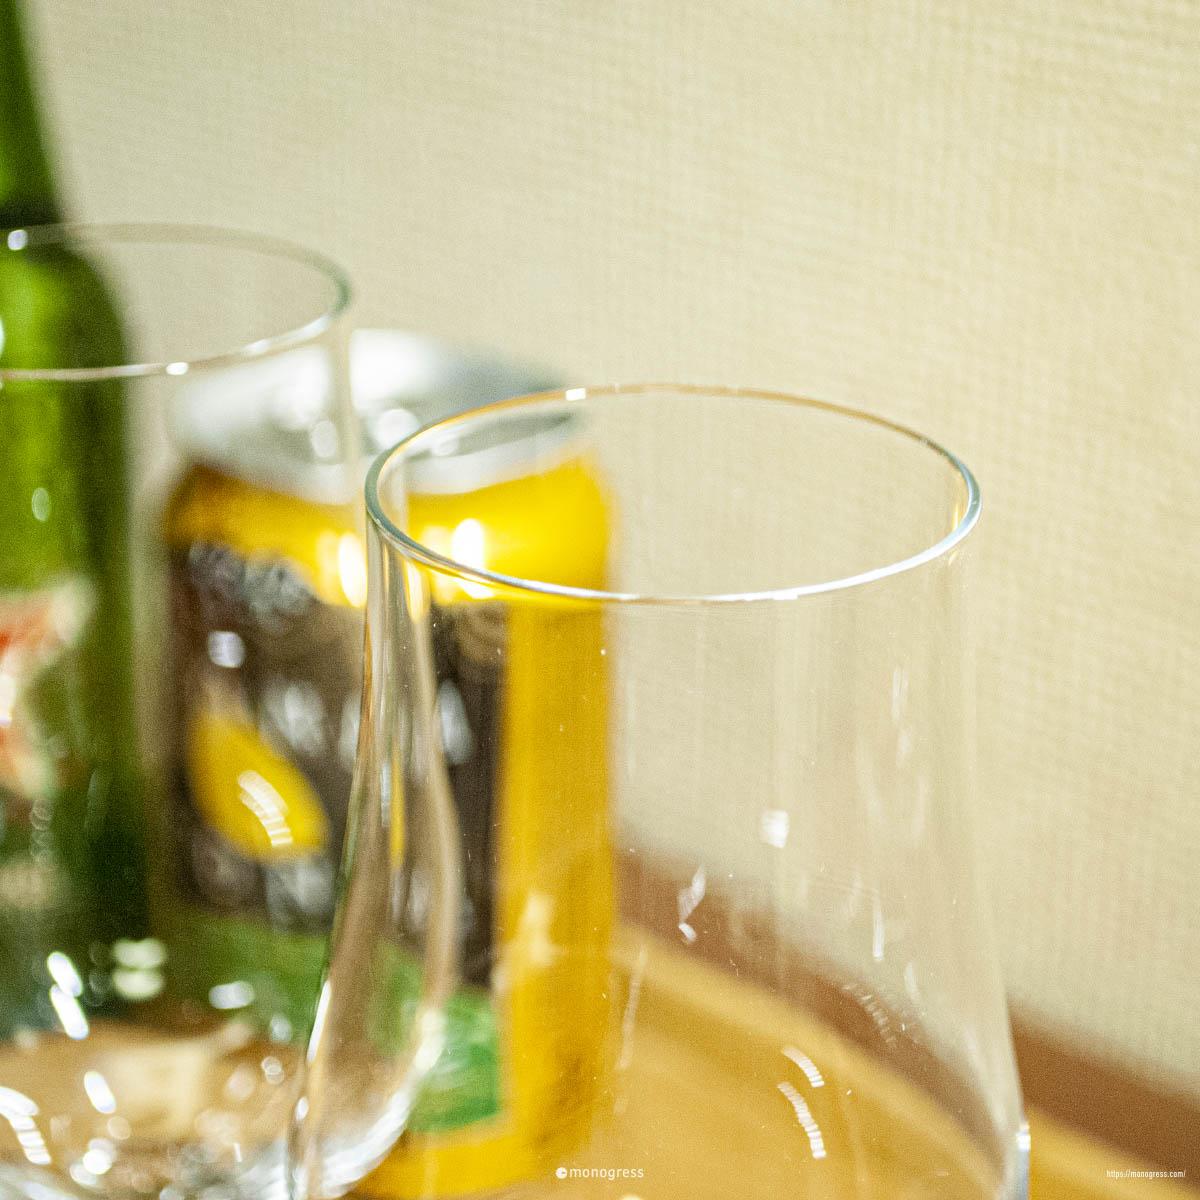 ツヴィーゼルのグラスはとても薄い